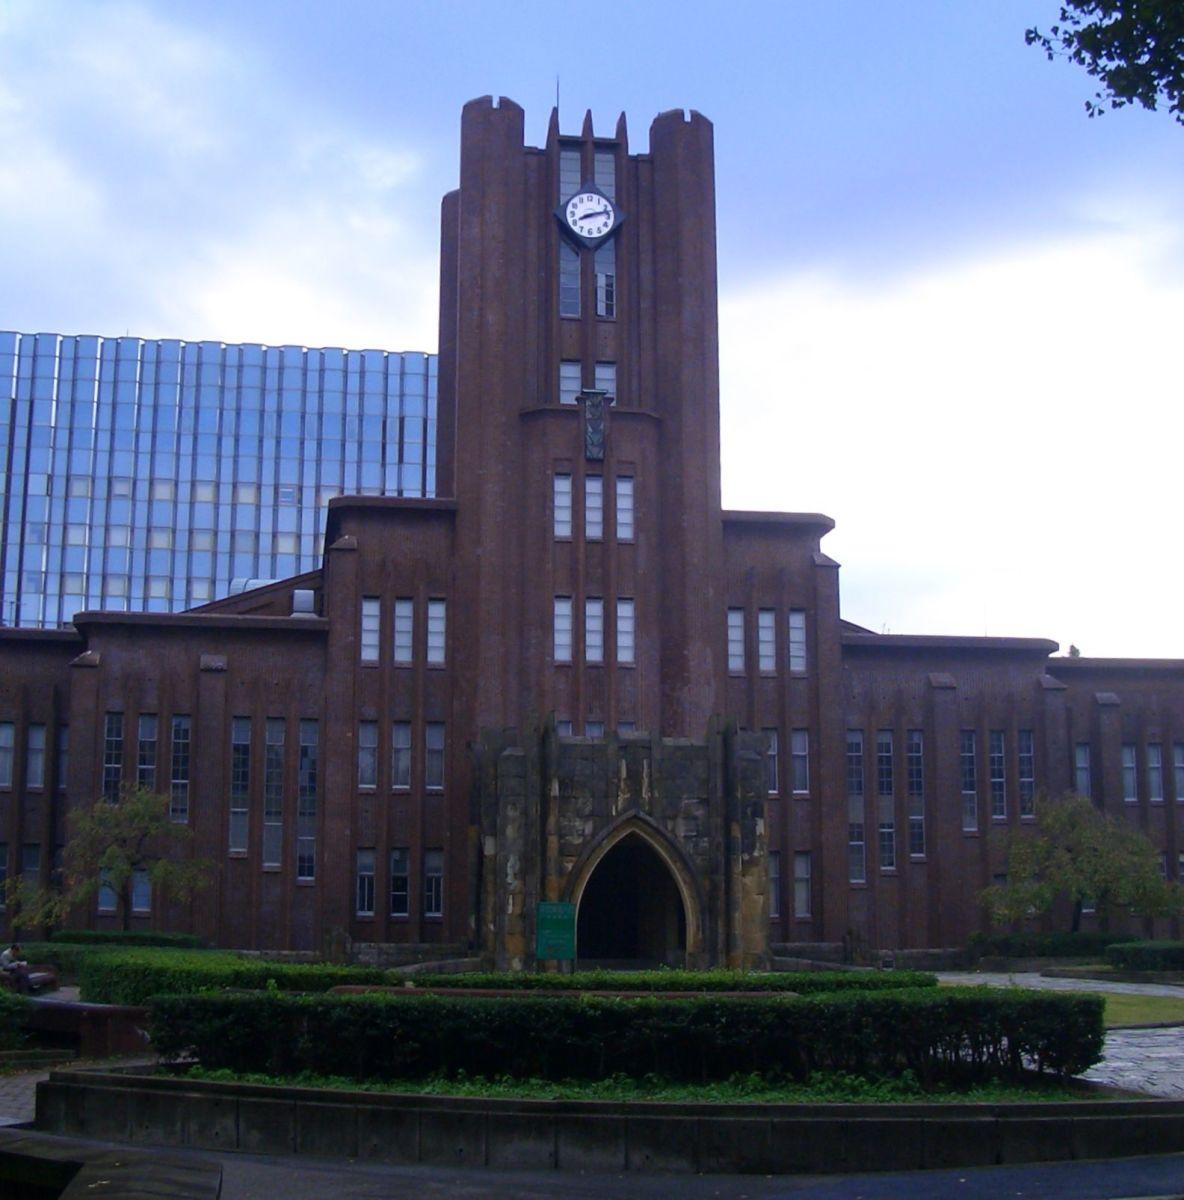 A university in Japan